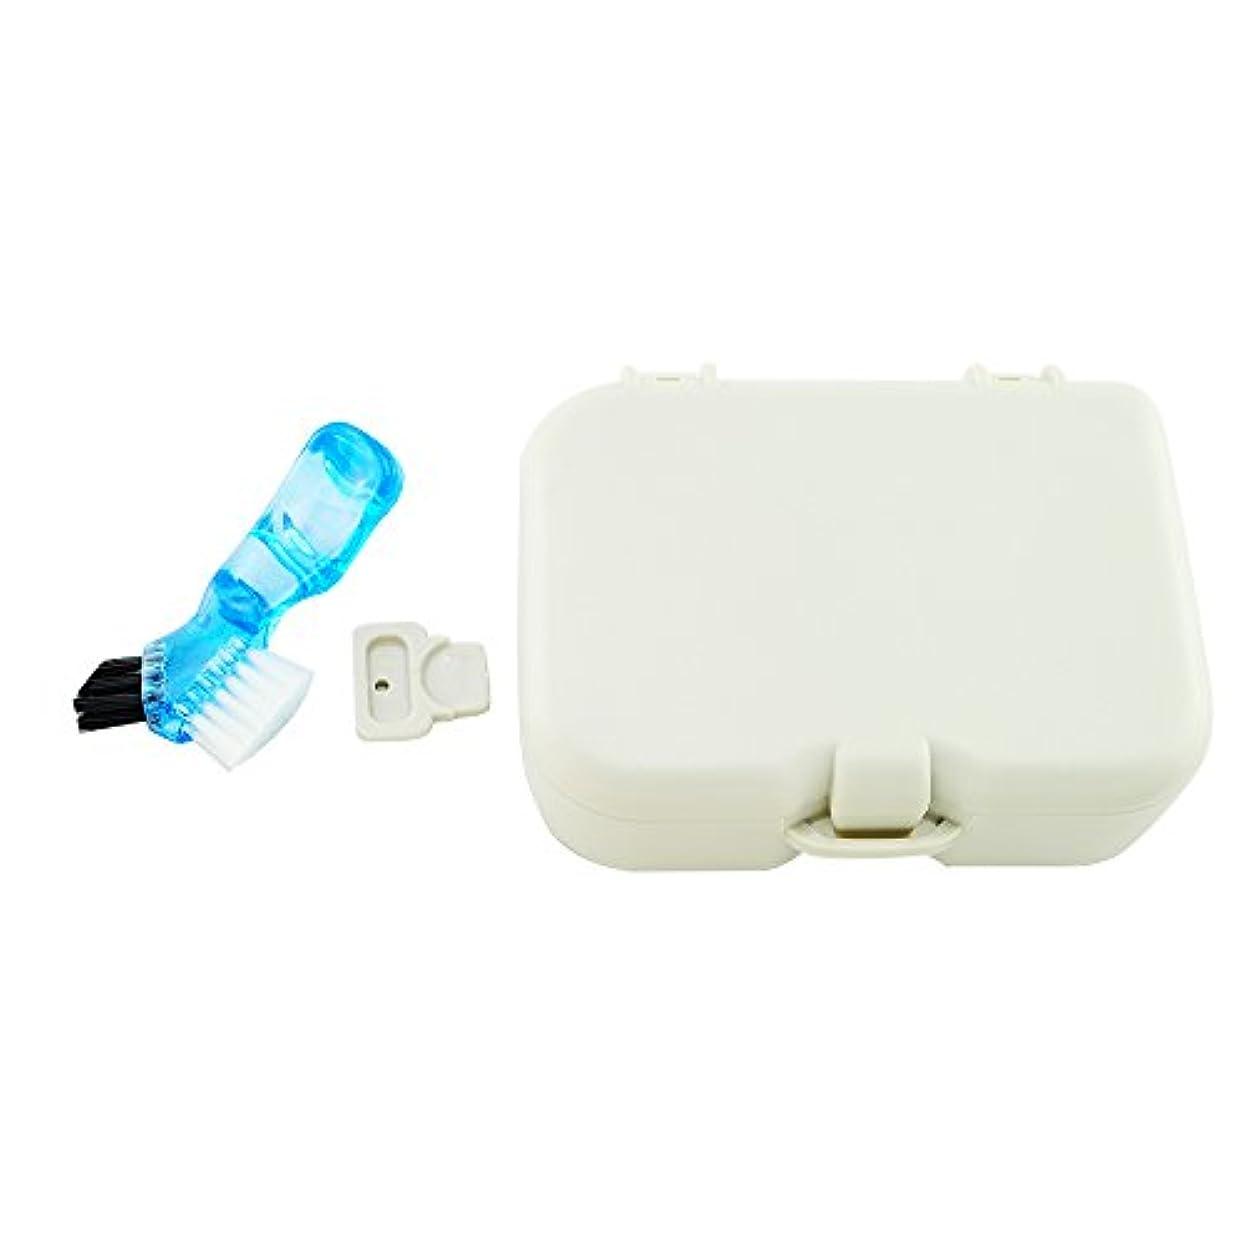 そしてアストロラーベステンレス義歯 ケース 入れ歯ケース 鏡 洗浄ブラシ付属 大容量 ホワイト